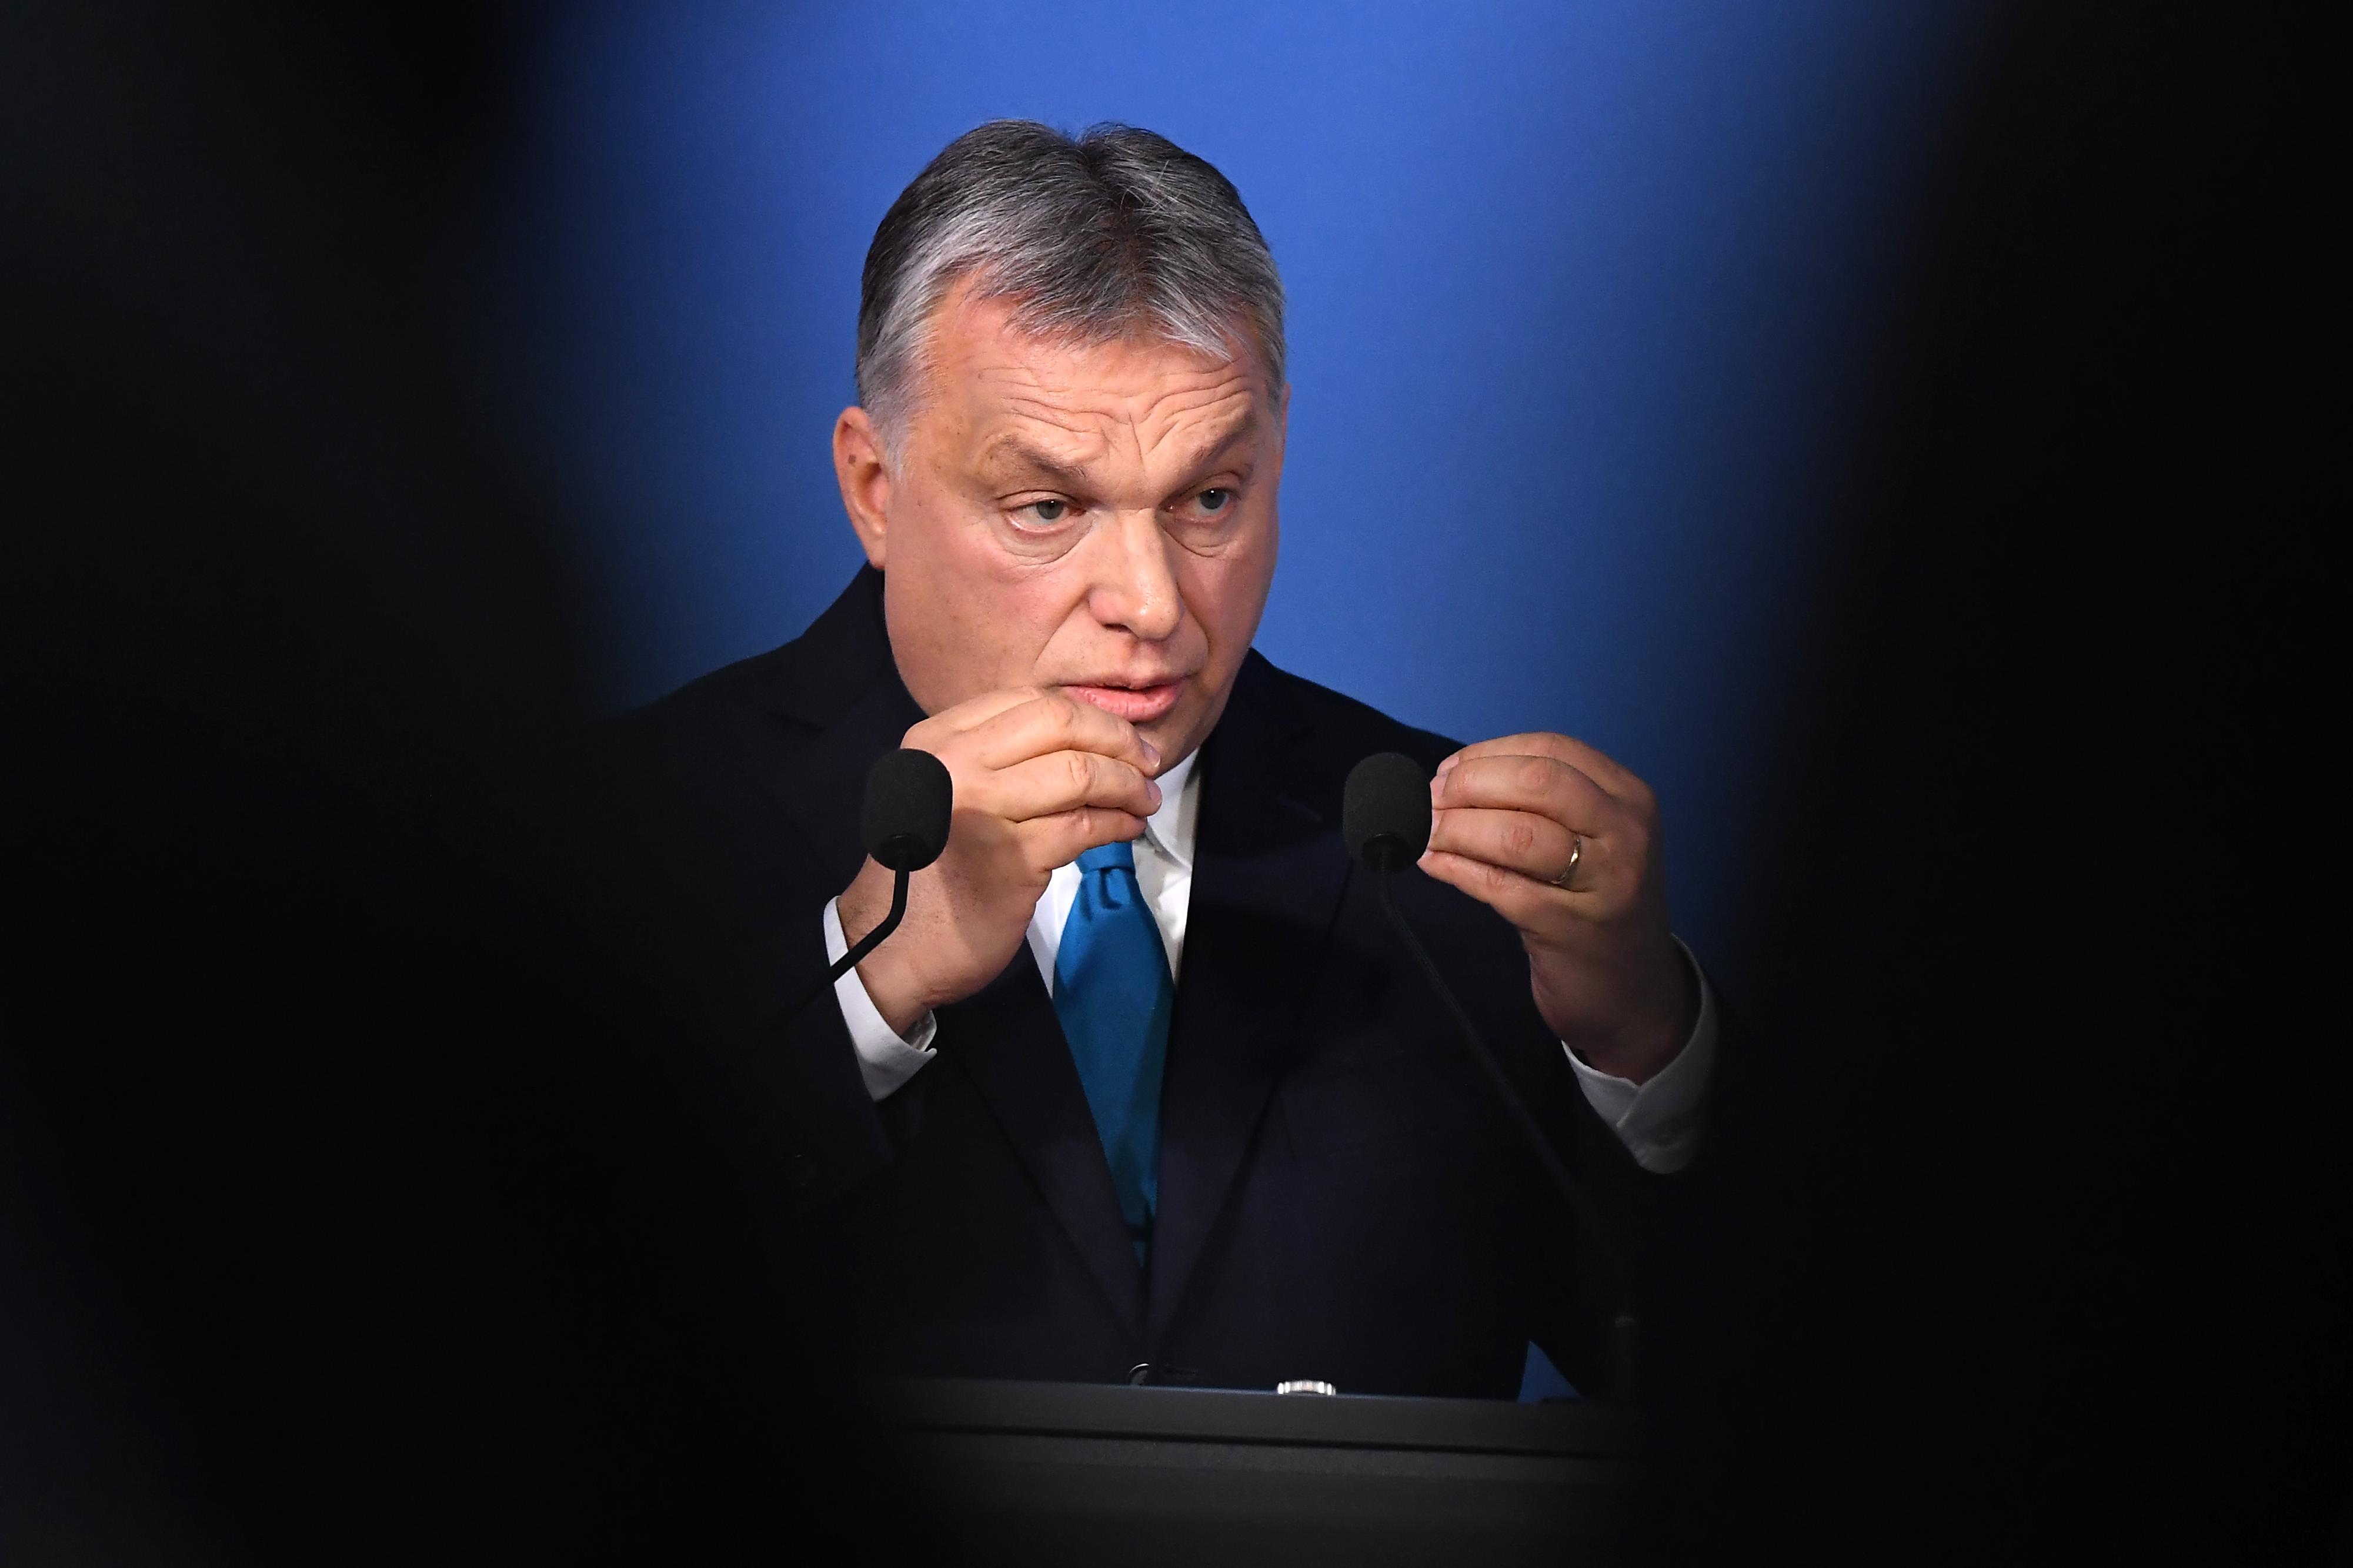 Orbán: Nincs bennem harag, nem rázom az öklömet, fölkelek, és azt látom, hogy a mai nap is ellenszélben fogok dolgozni